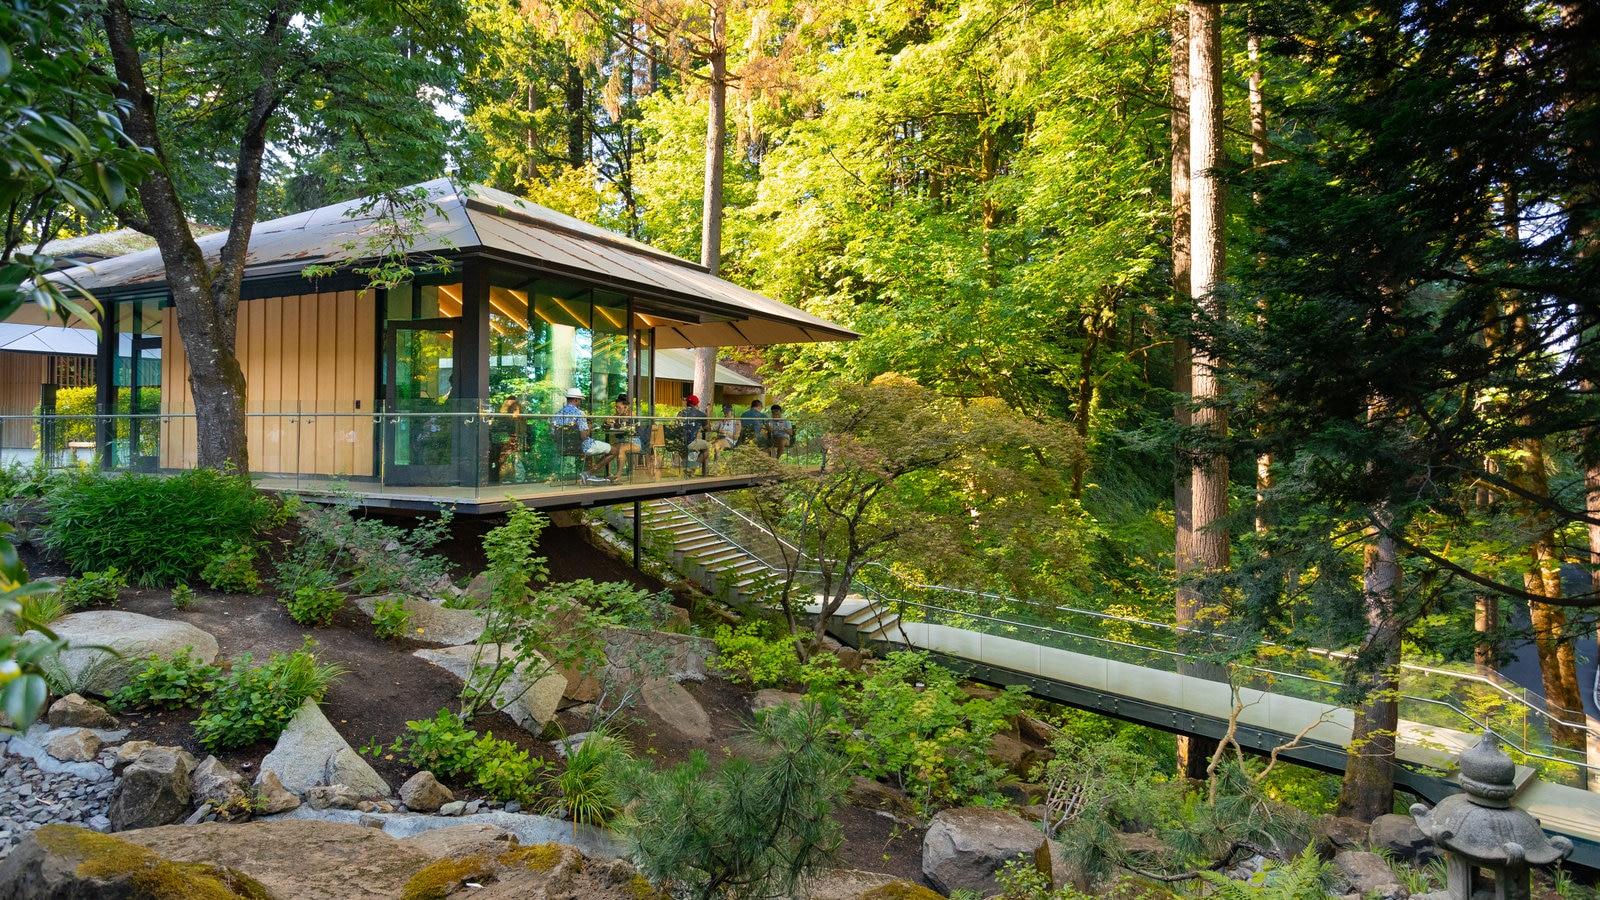 Jardín Japonés de Portland que incluye un parque y escenas forestales